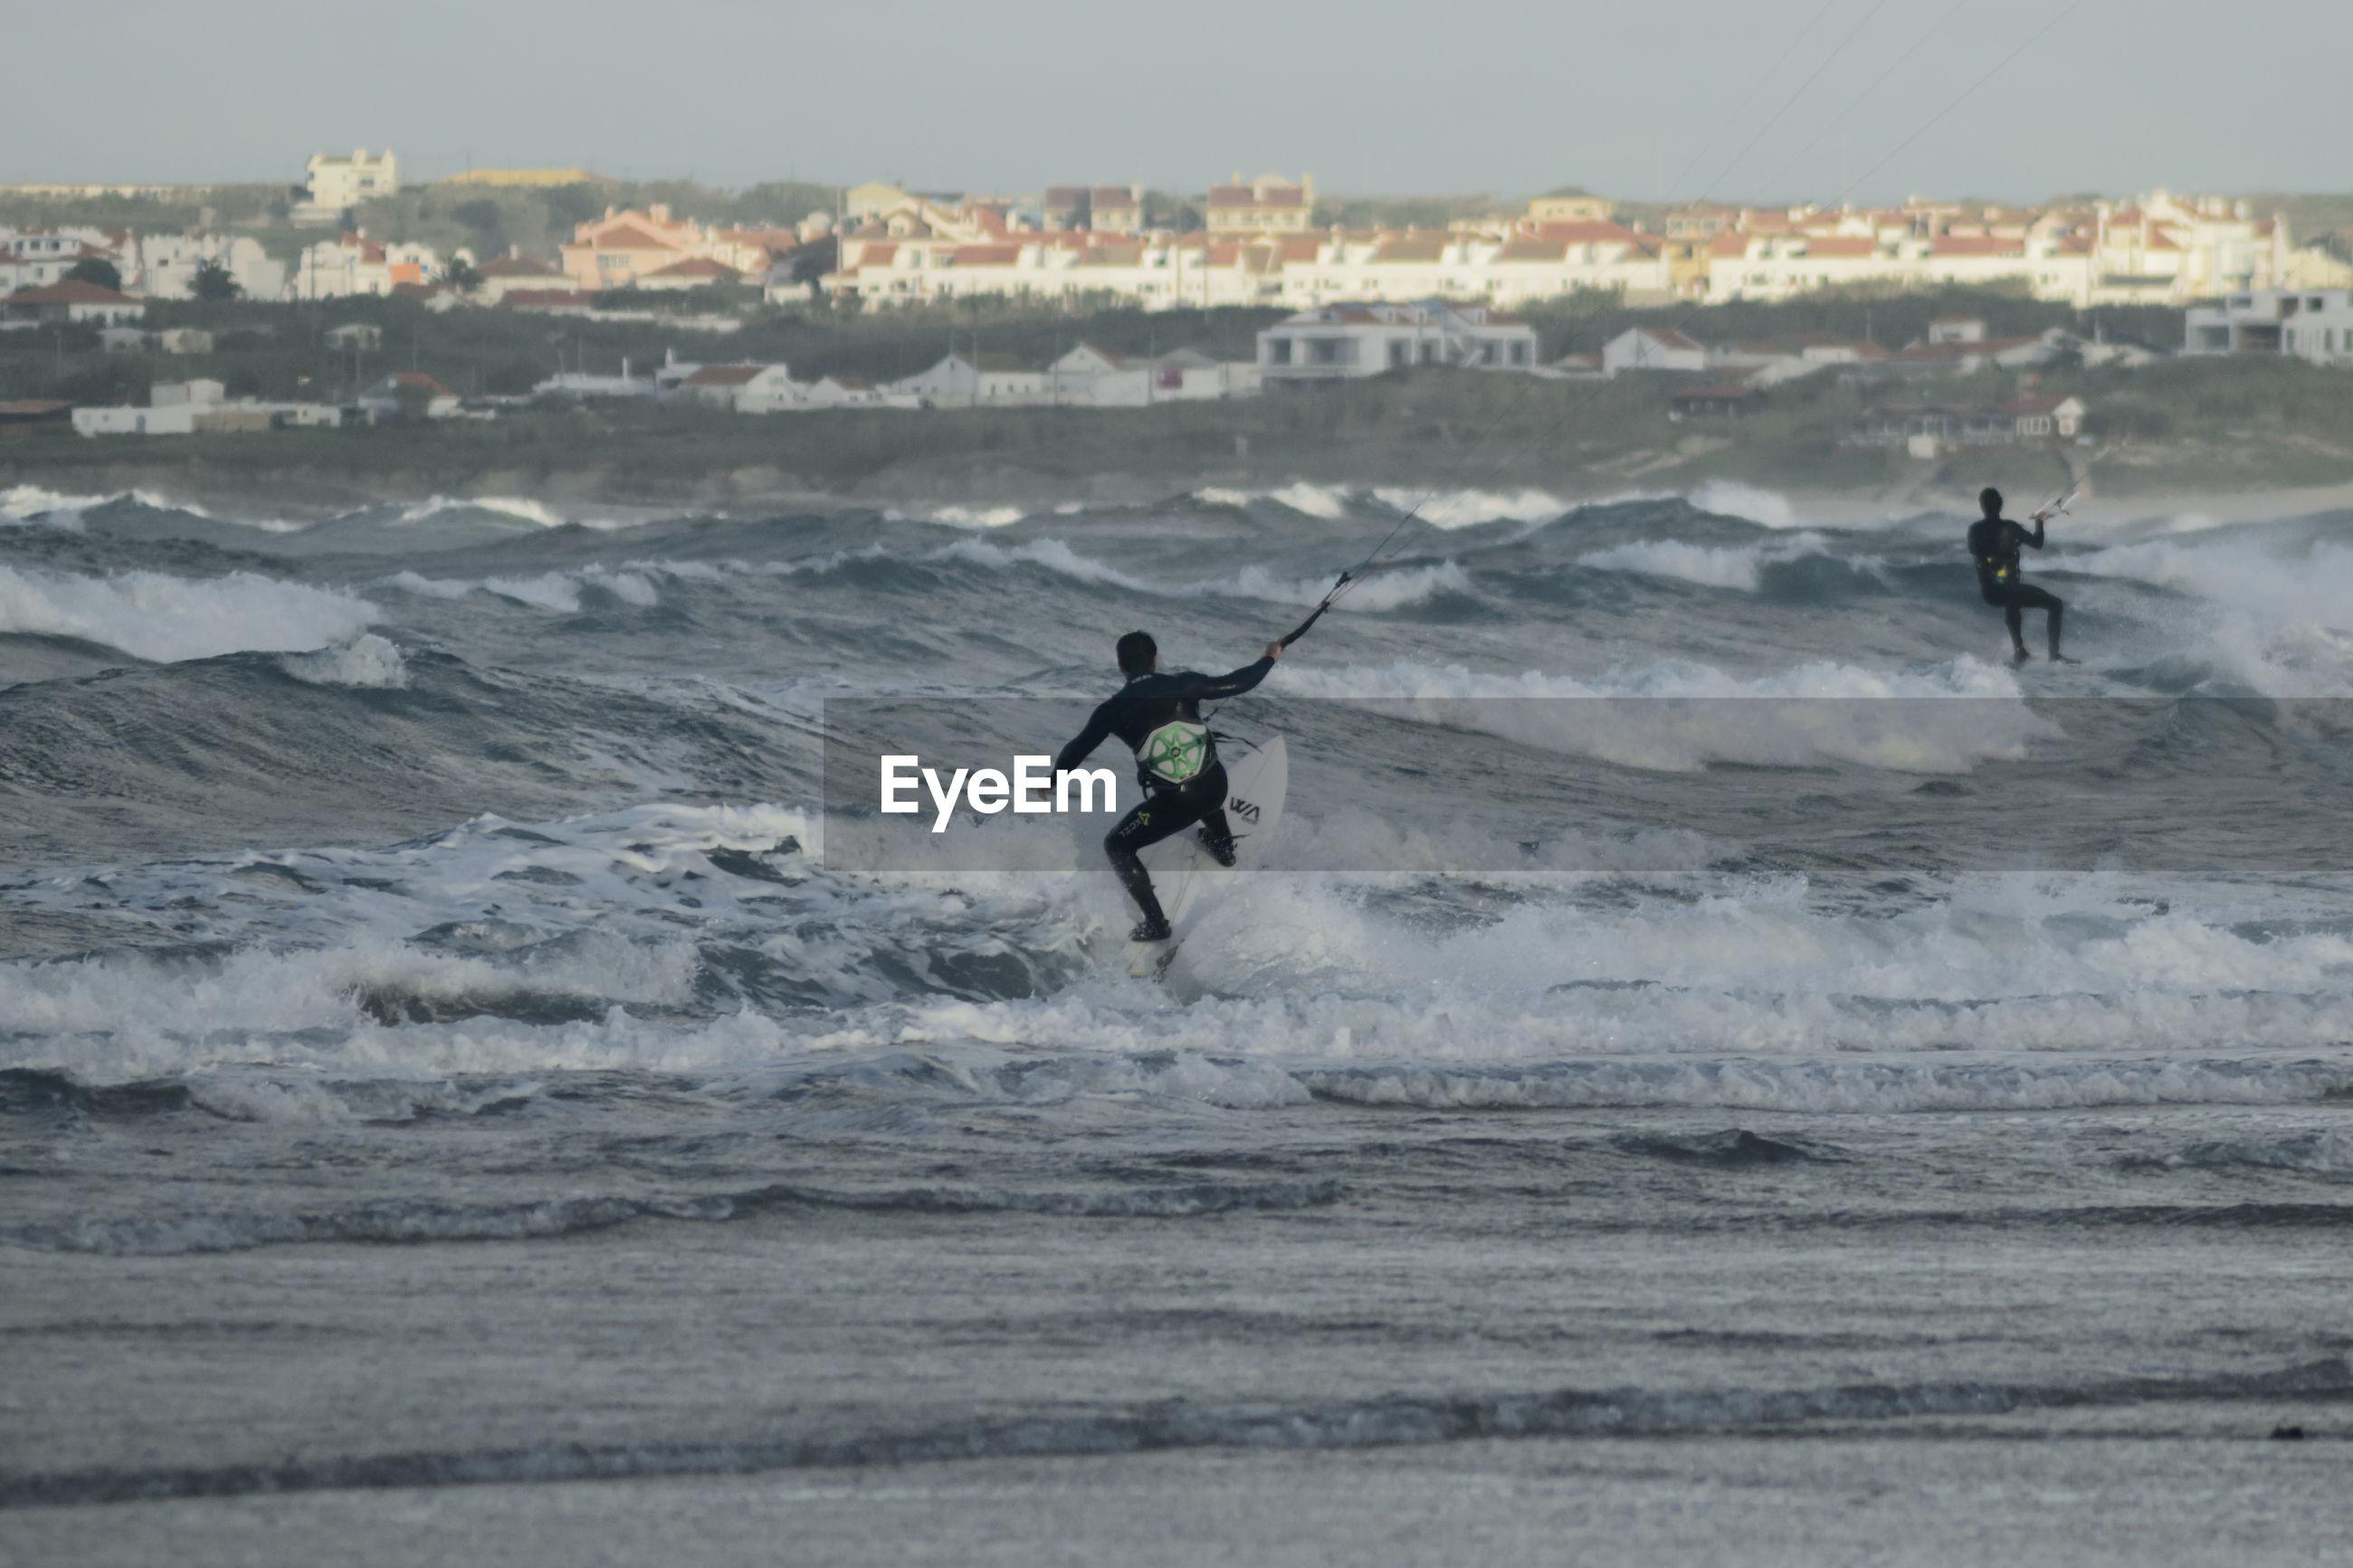 Men surfing in sea against sky